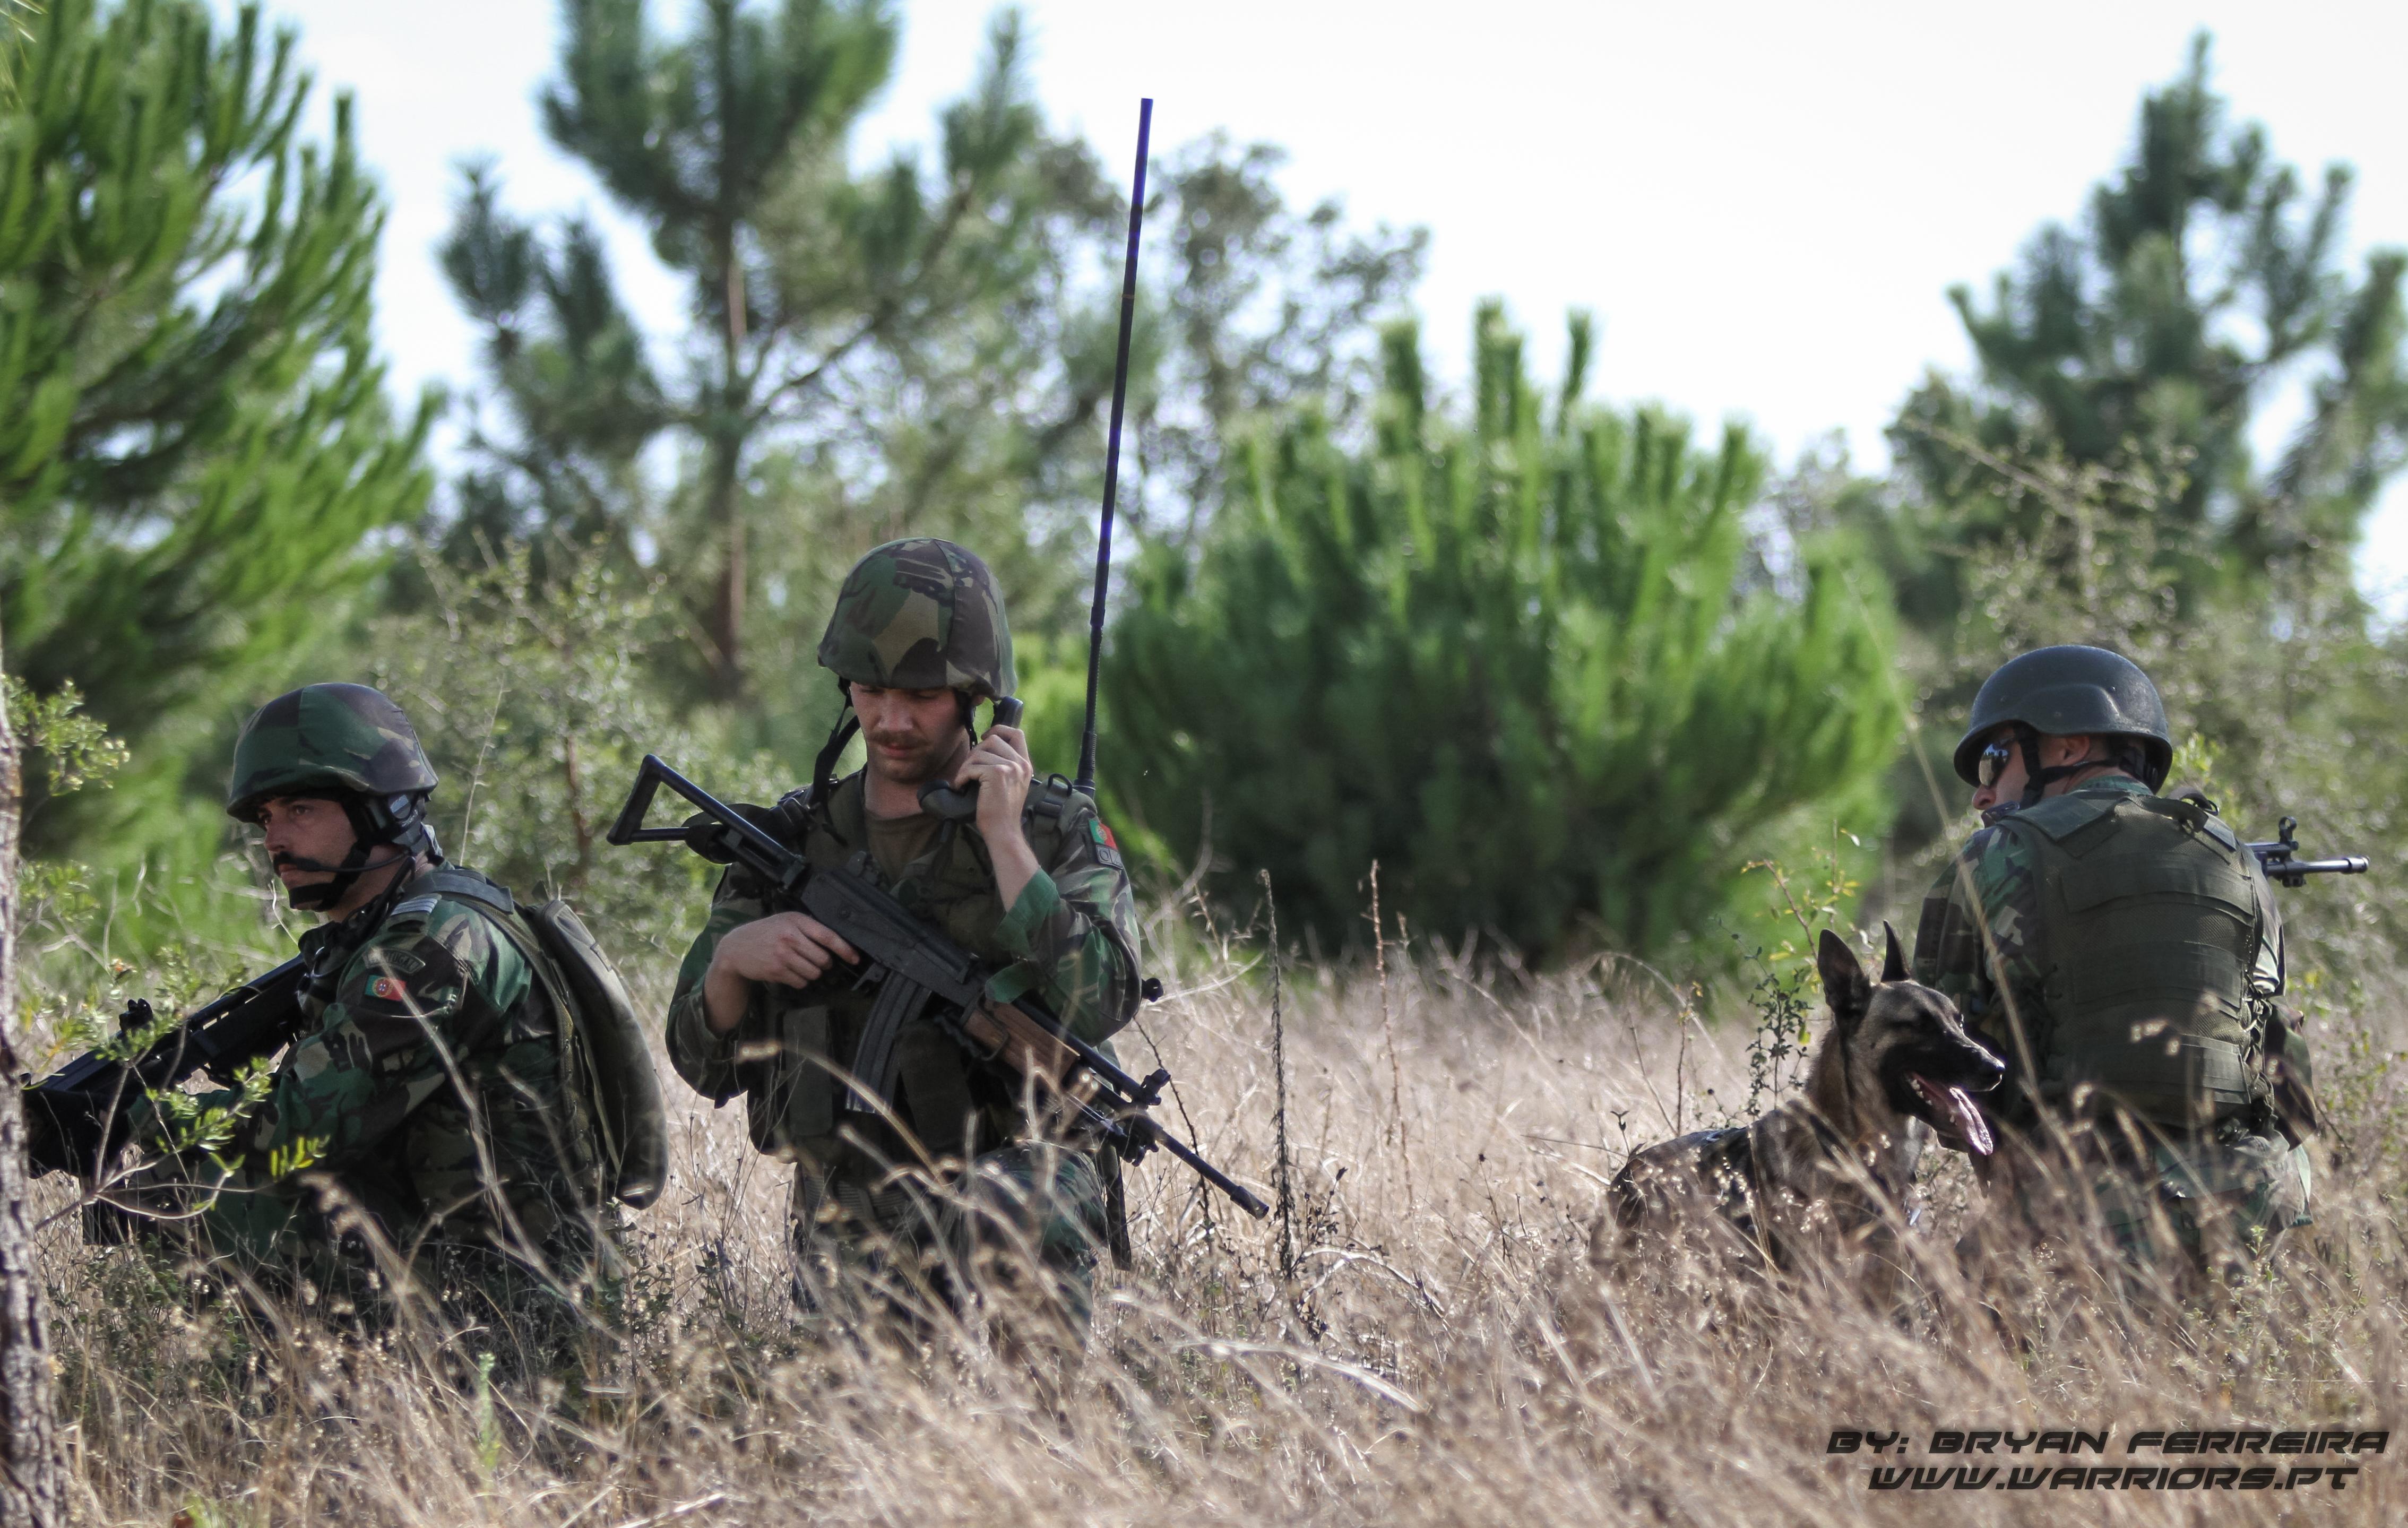 Comunicações no terreno. Estão acompanhados de elementos da Secção de Cães de Guerra dos Paraquedistas. Elementos do 2º Batalhão Paraquedista, BIPARA